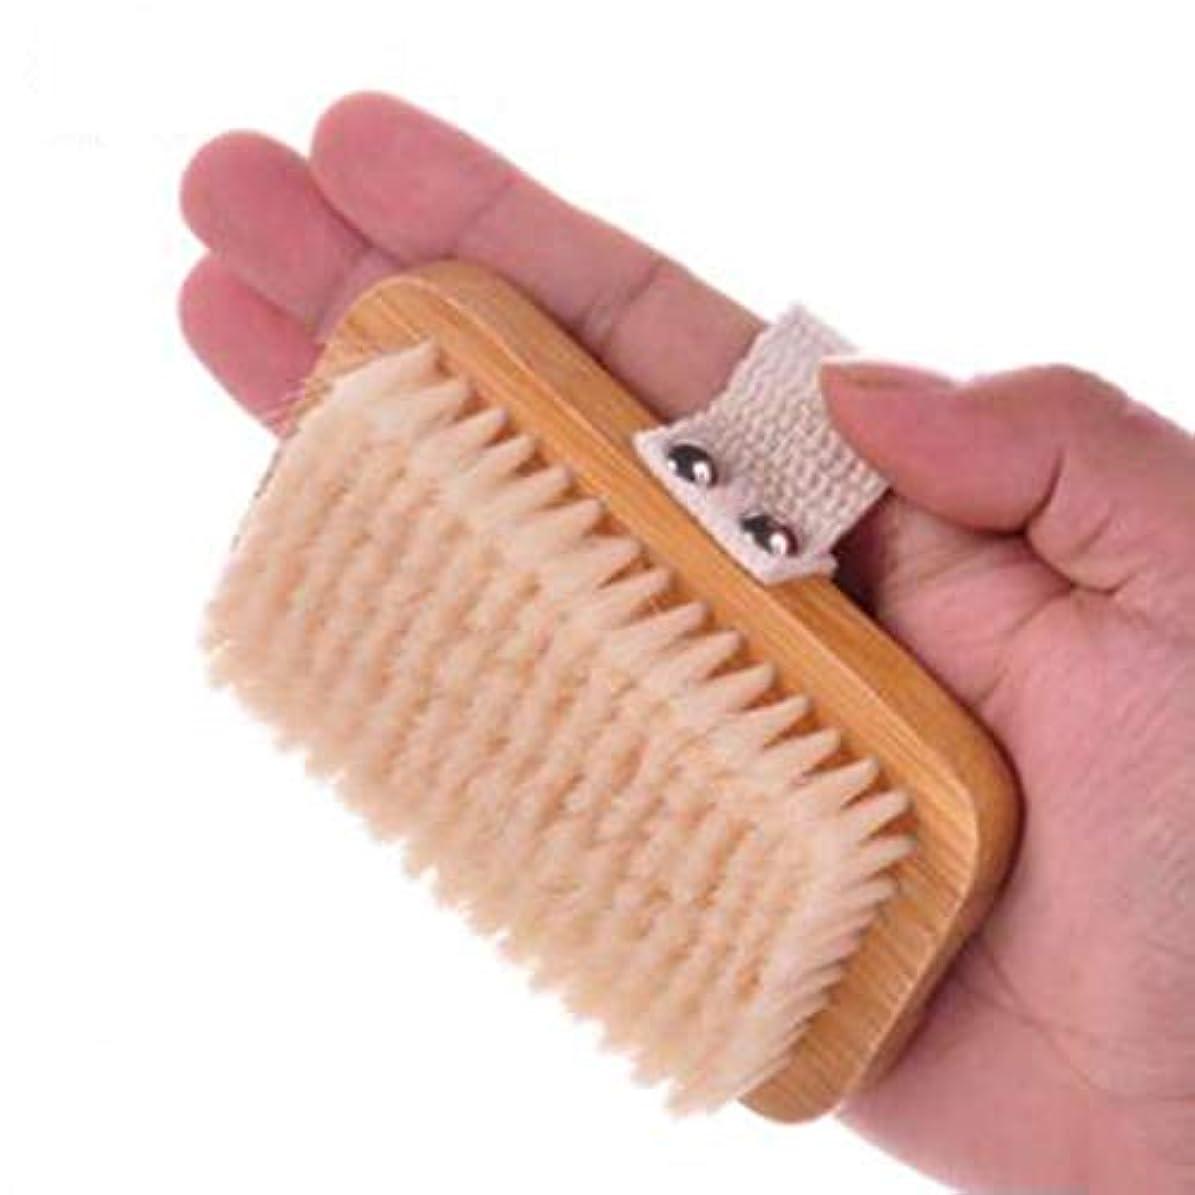 欠点反応する会話ドライスキンボディブラシ - 肌の健康と美容を向上させます - ナチュラル剛毛 - デッドスキンと毒素を取り除きます